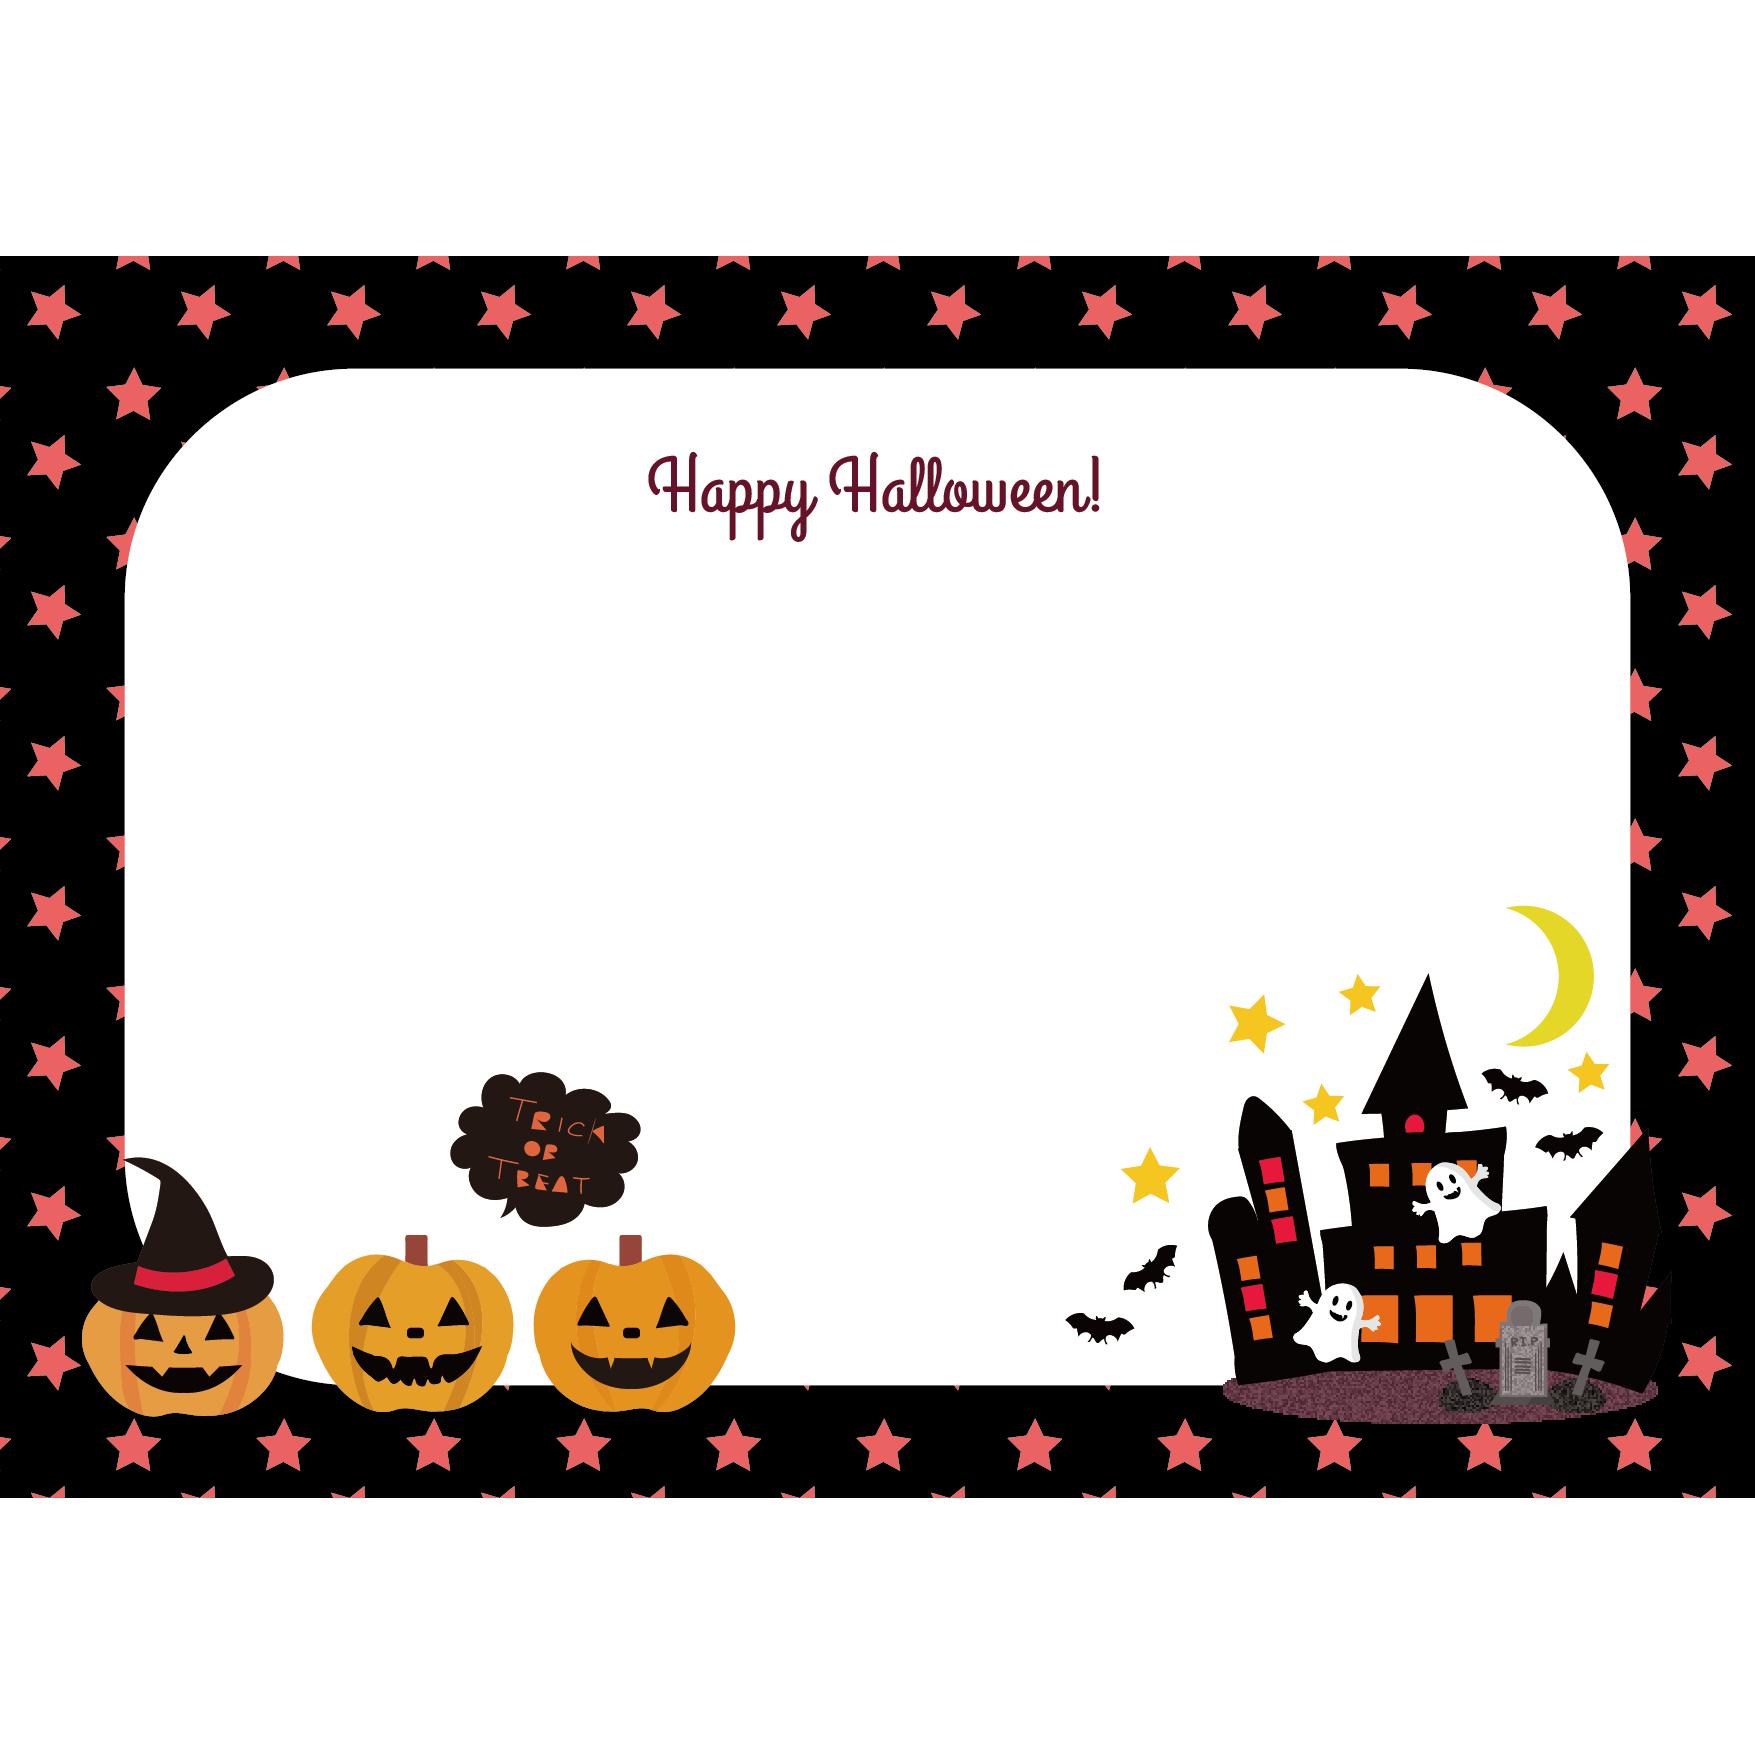 ハロウィン♪カボチャとお化け屋敷のフレーム飾り枠 a4サイズ イラスト